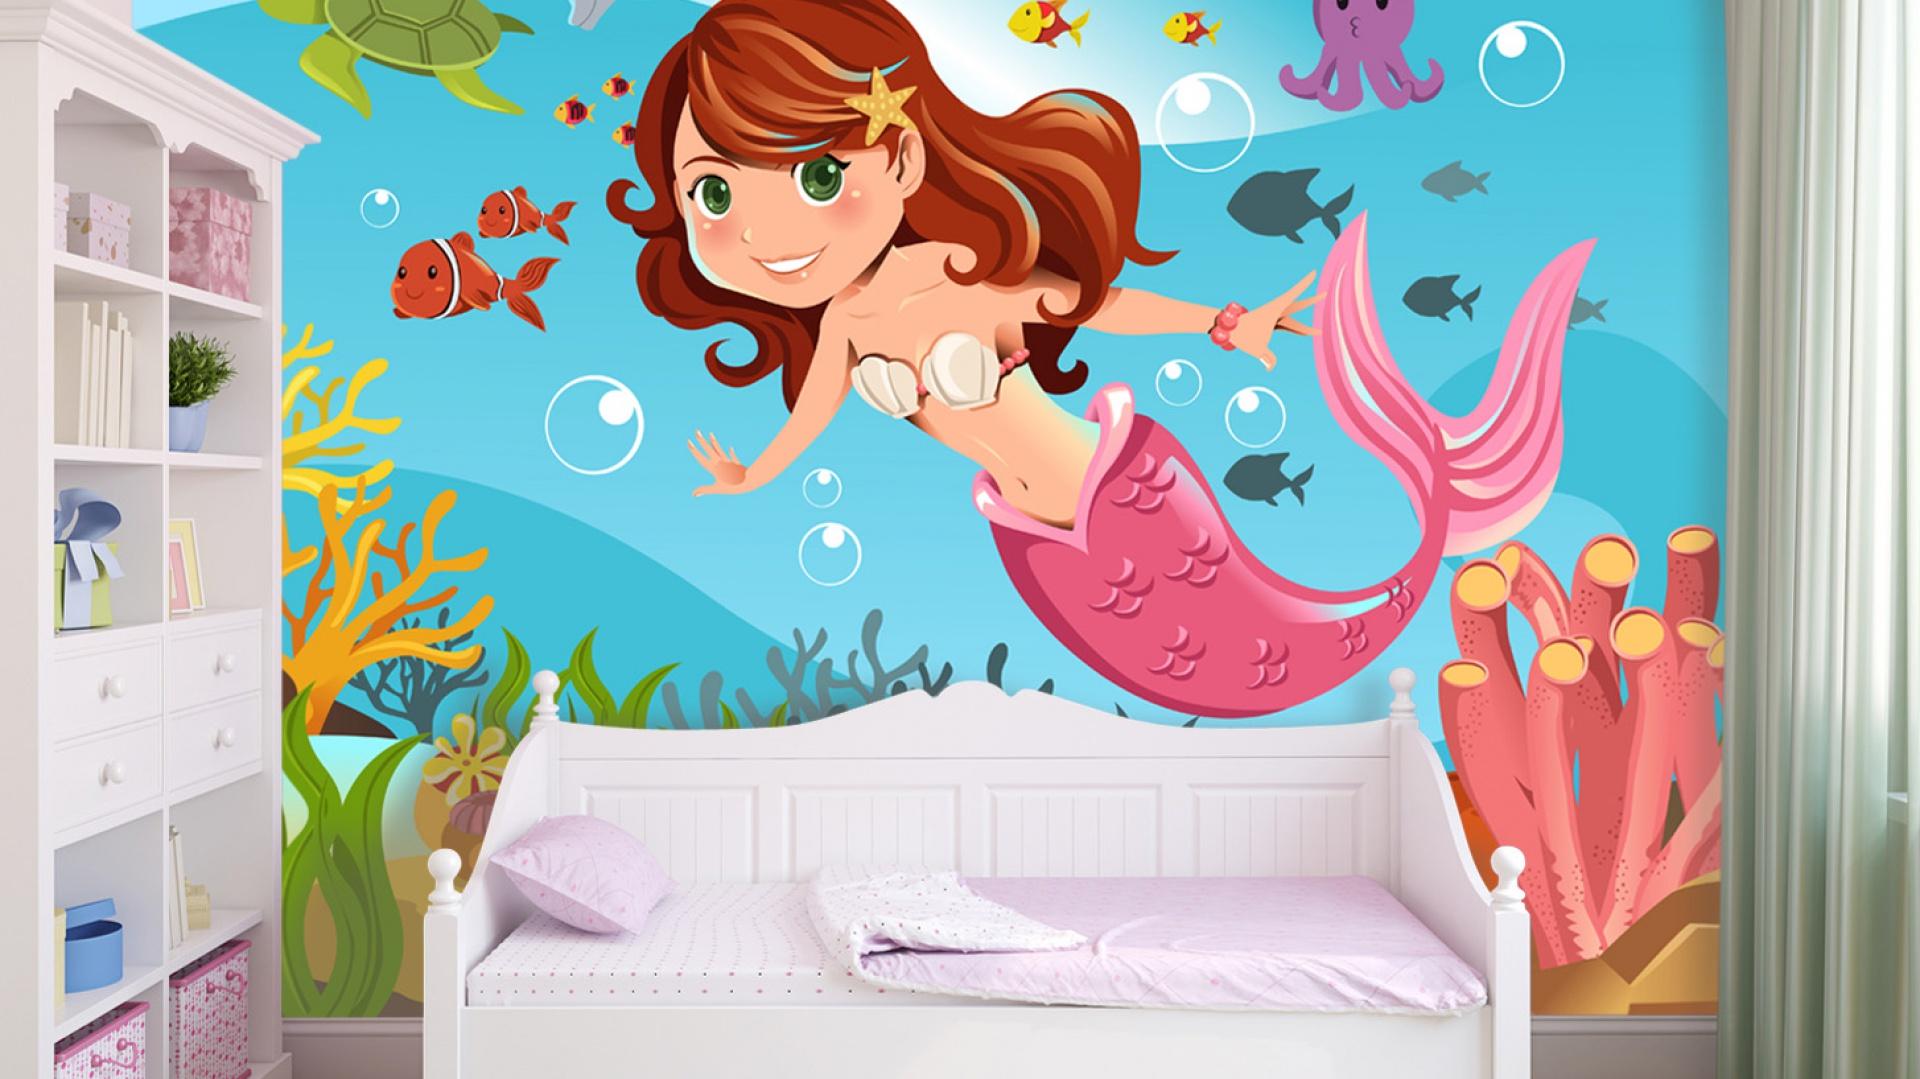 Kolorowa fototapeta doskonale ożywi pokój dziecka. Fototapeta jest samoprzylepna, więc i łatwa w montażu. Dostępna w ofercie sklepu Grafdeco. Fot. Grafdeco.